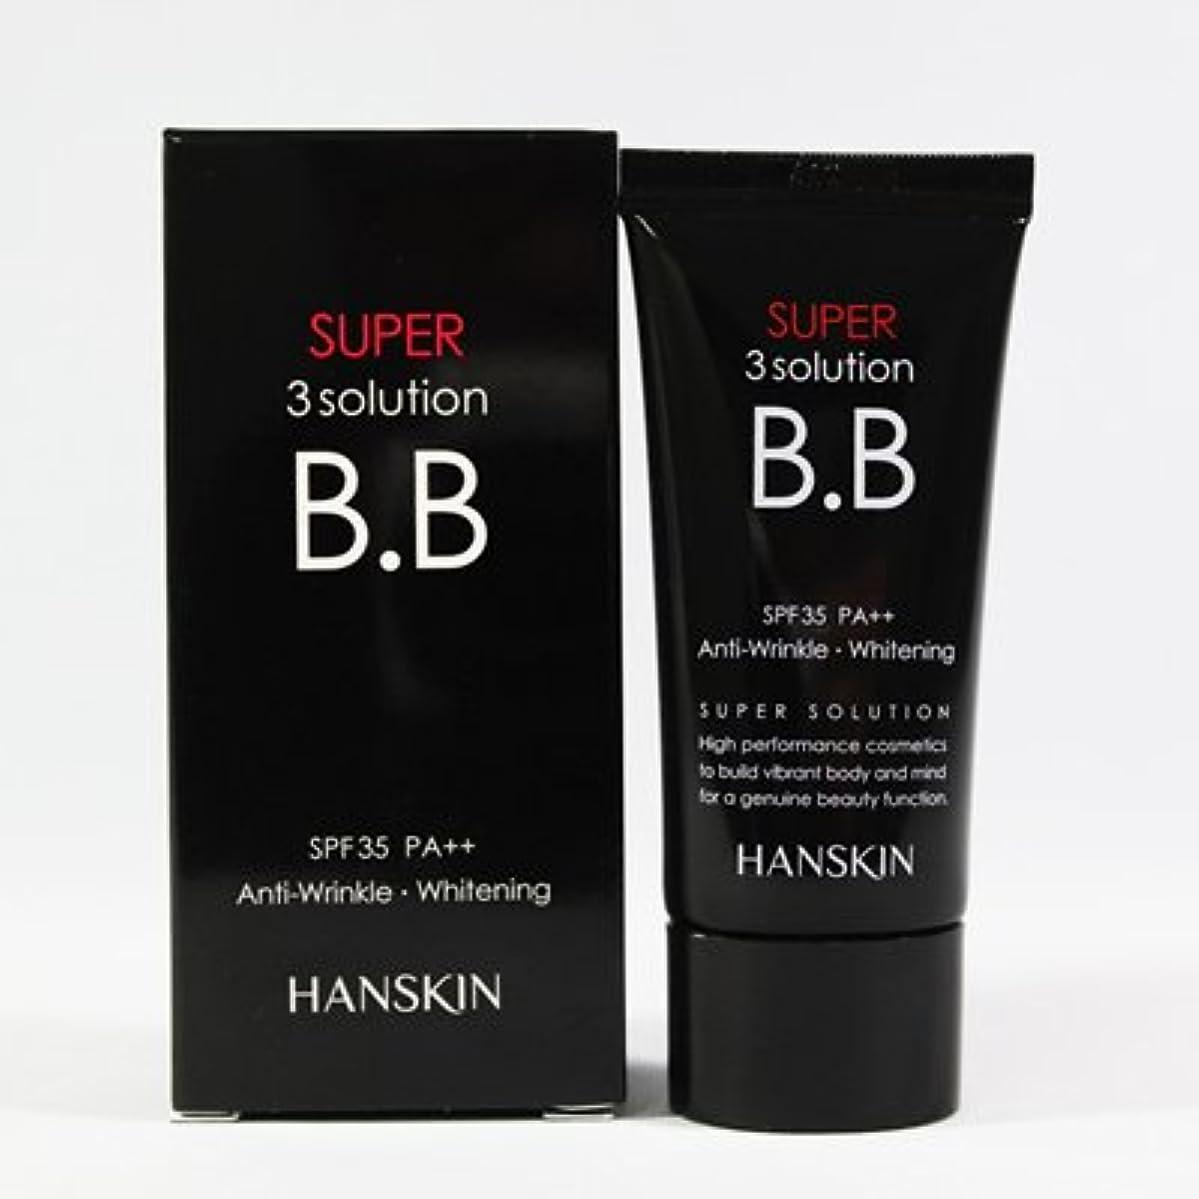 計算ハンカチ道に迷いましたHANSKIN ハンスキン スーパー3ソリューションBBクリーム(30g)